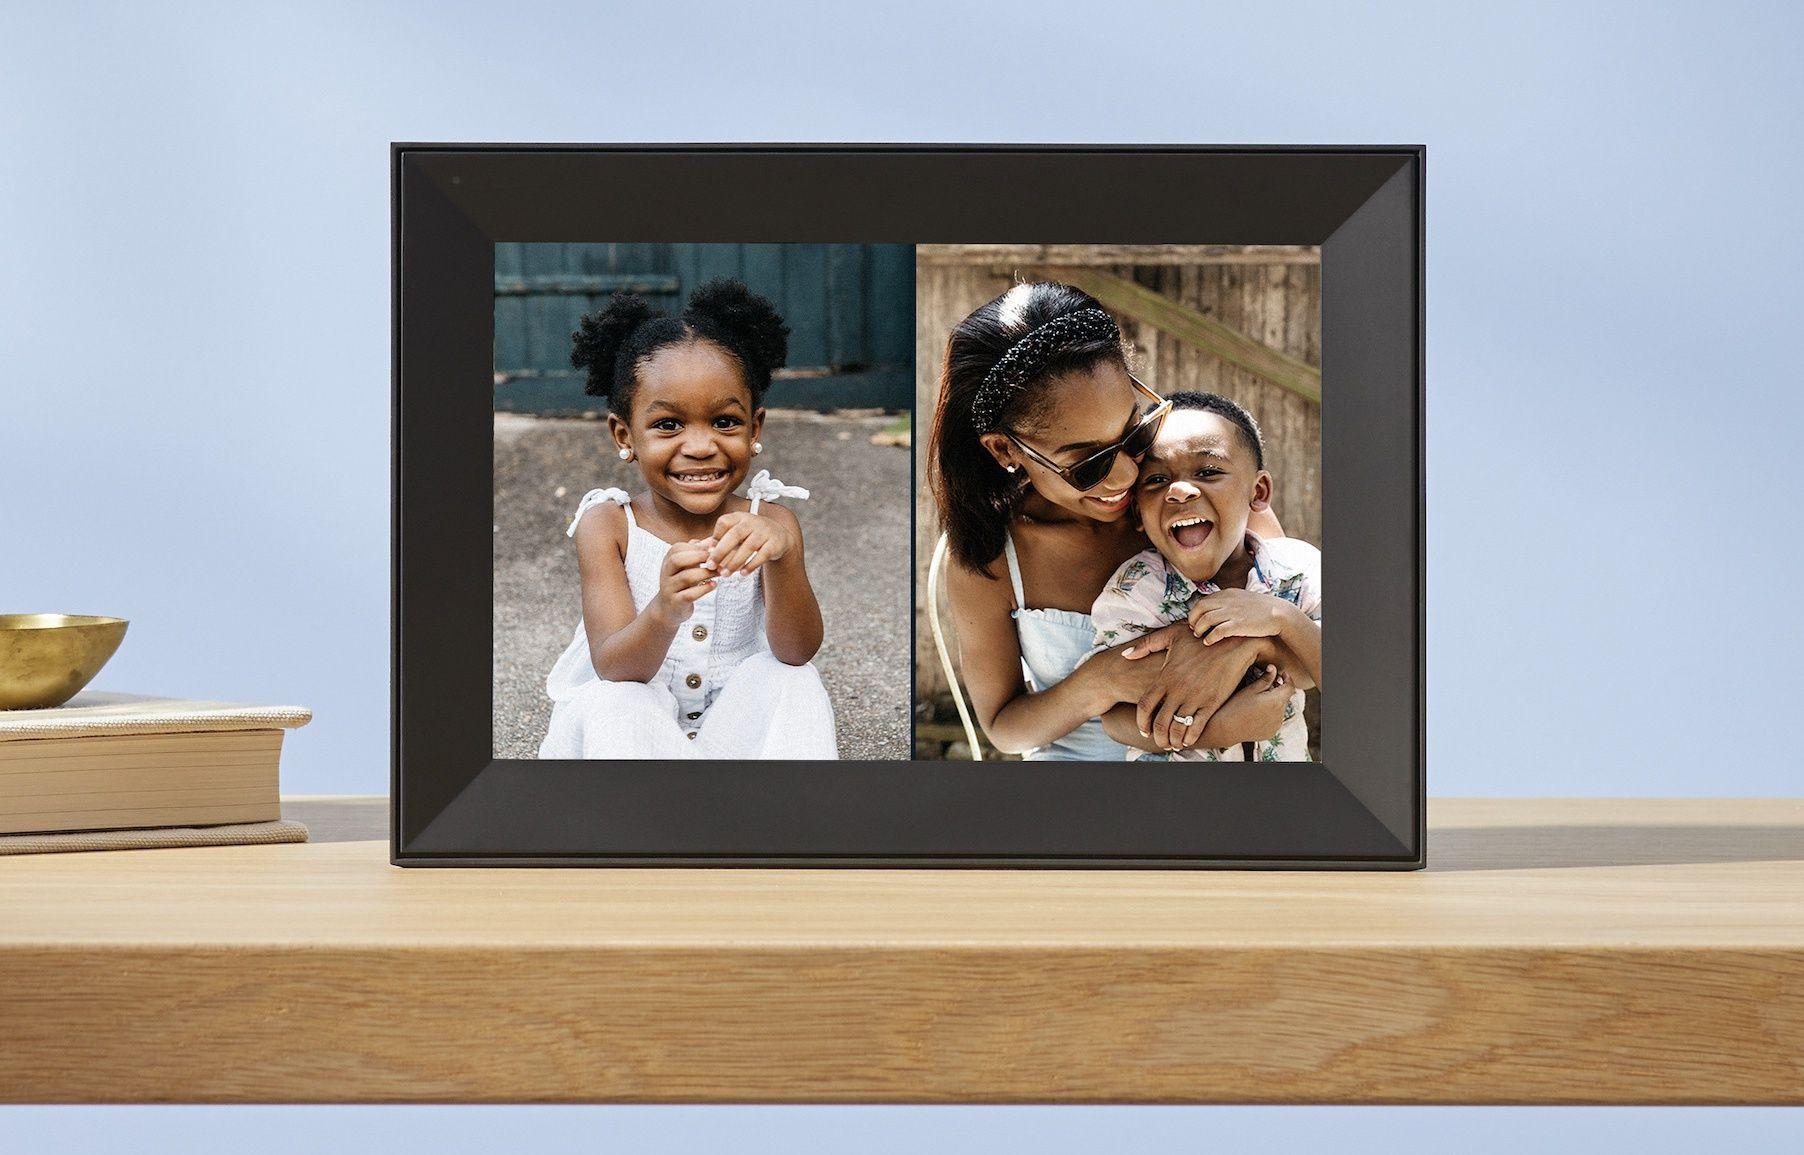 Deux photos en mode Portrait peuvent être affichées simultanément.